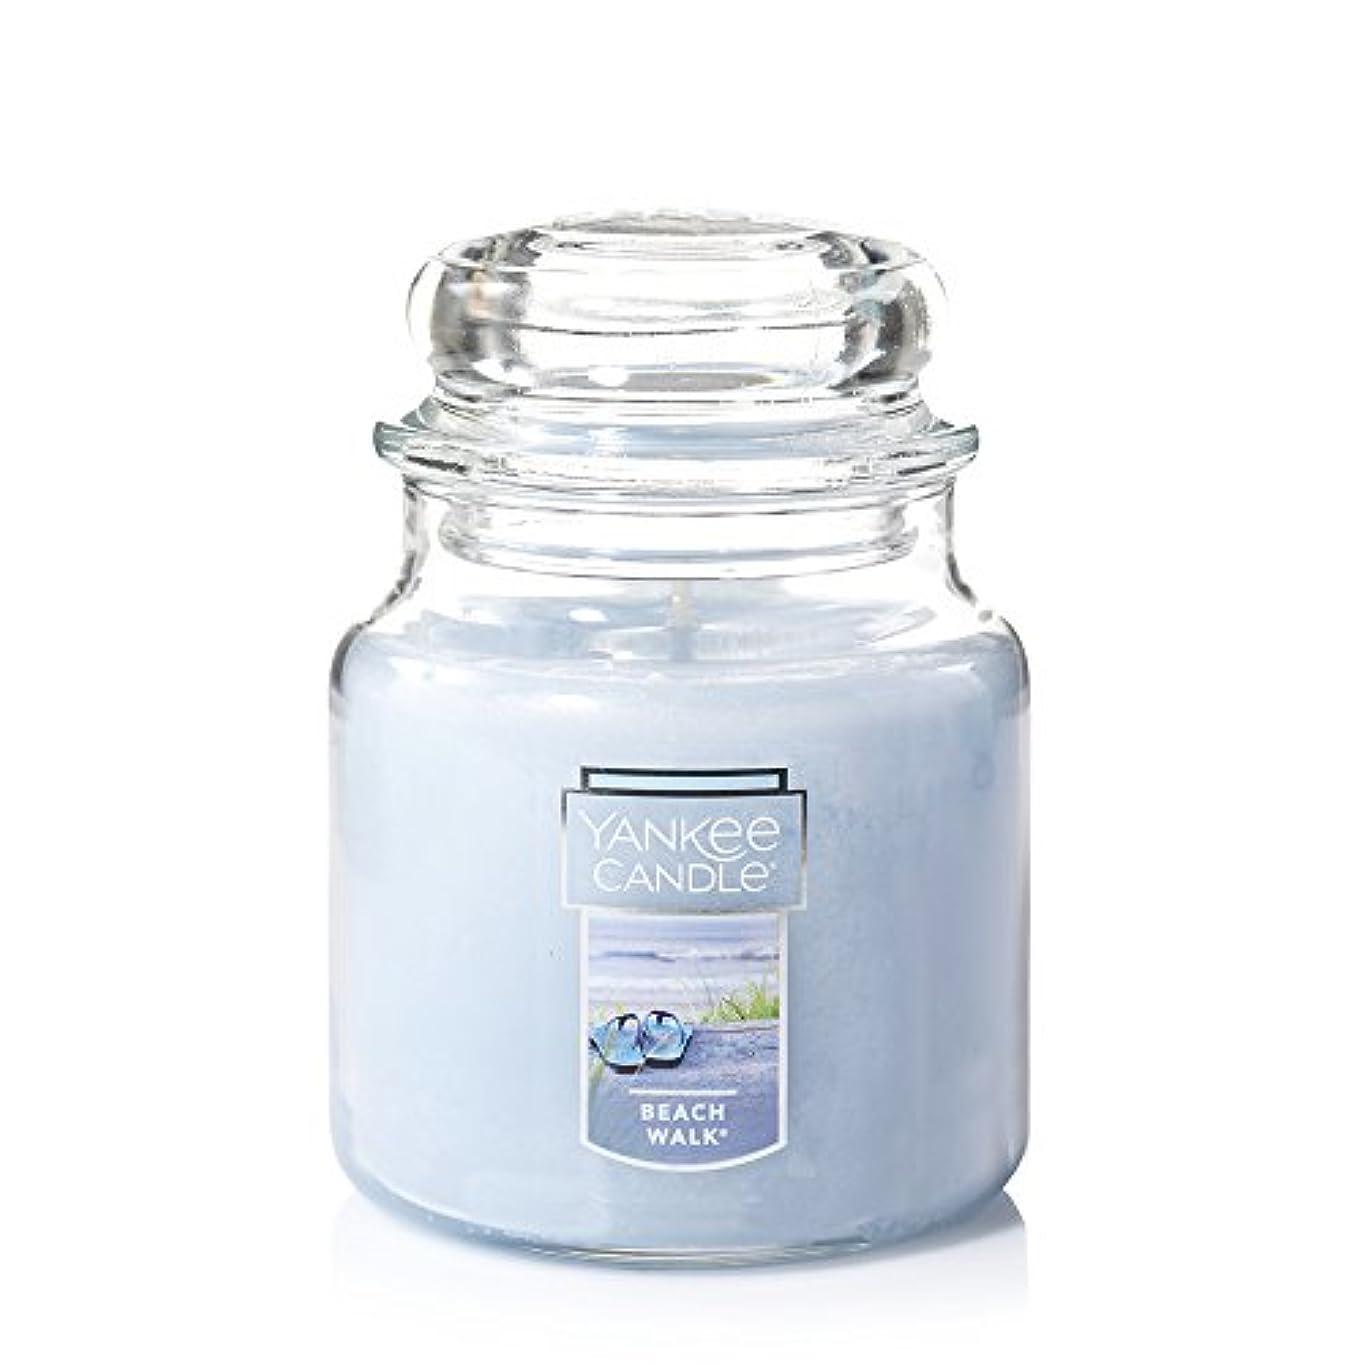 不平を言う奨学金光のYankee Candle Beach Walk Large Jar 22oz Candle Small Jar Candles ブルー 1129793